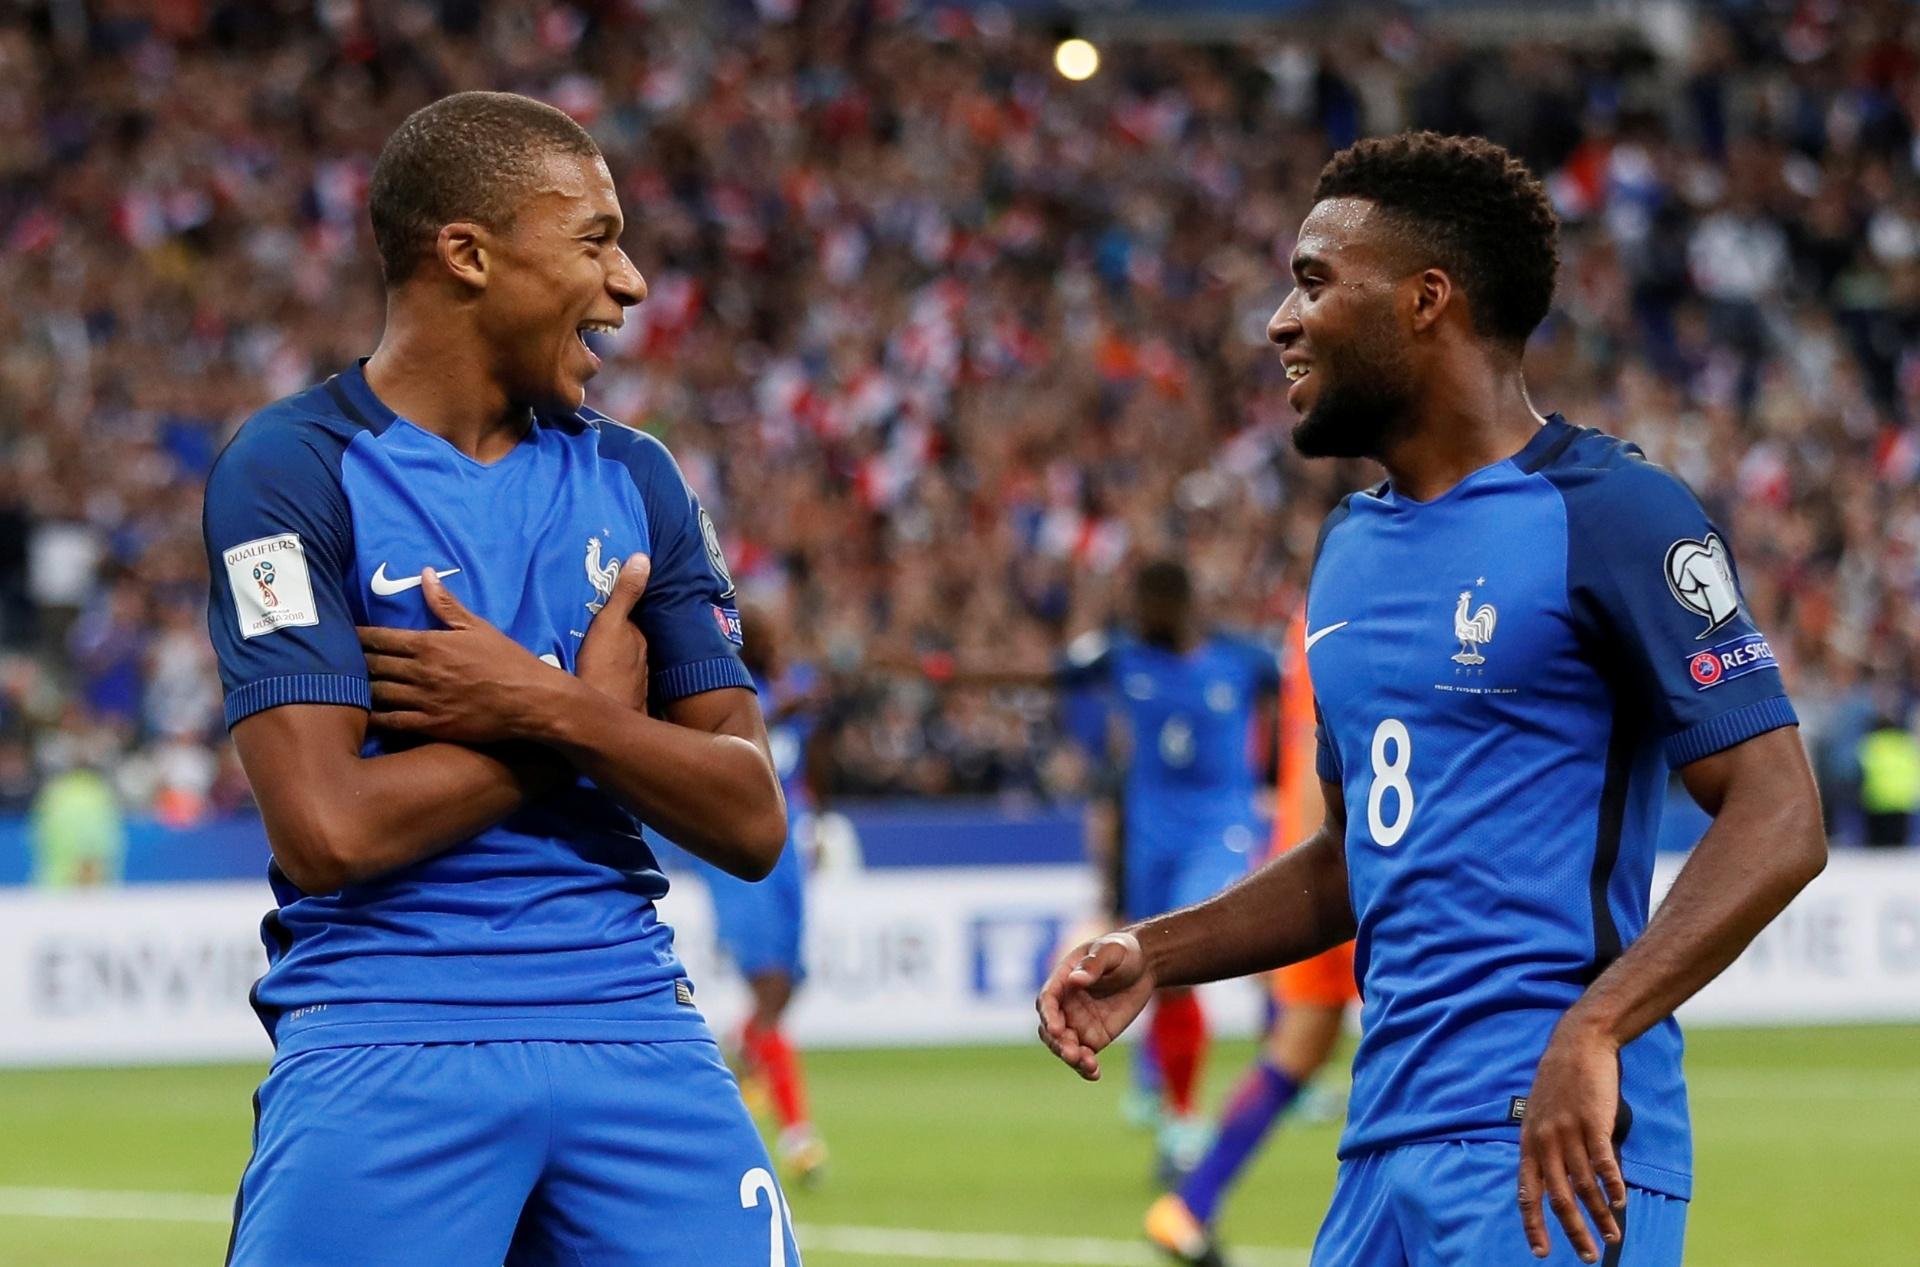 Quem é a nova geração francesa que promete bombar na Champions e na Copa  -  13 09 2017 - UOL Esporte 06d3039ff2c47